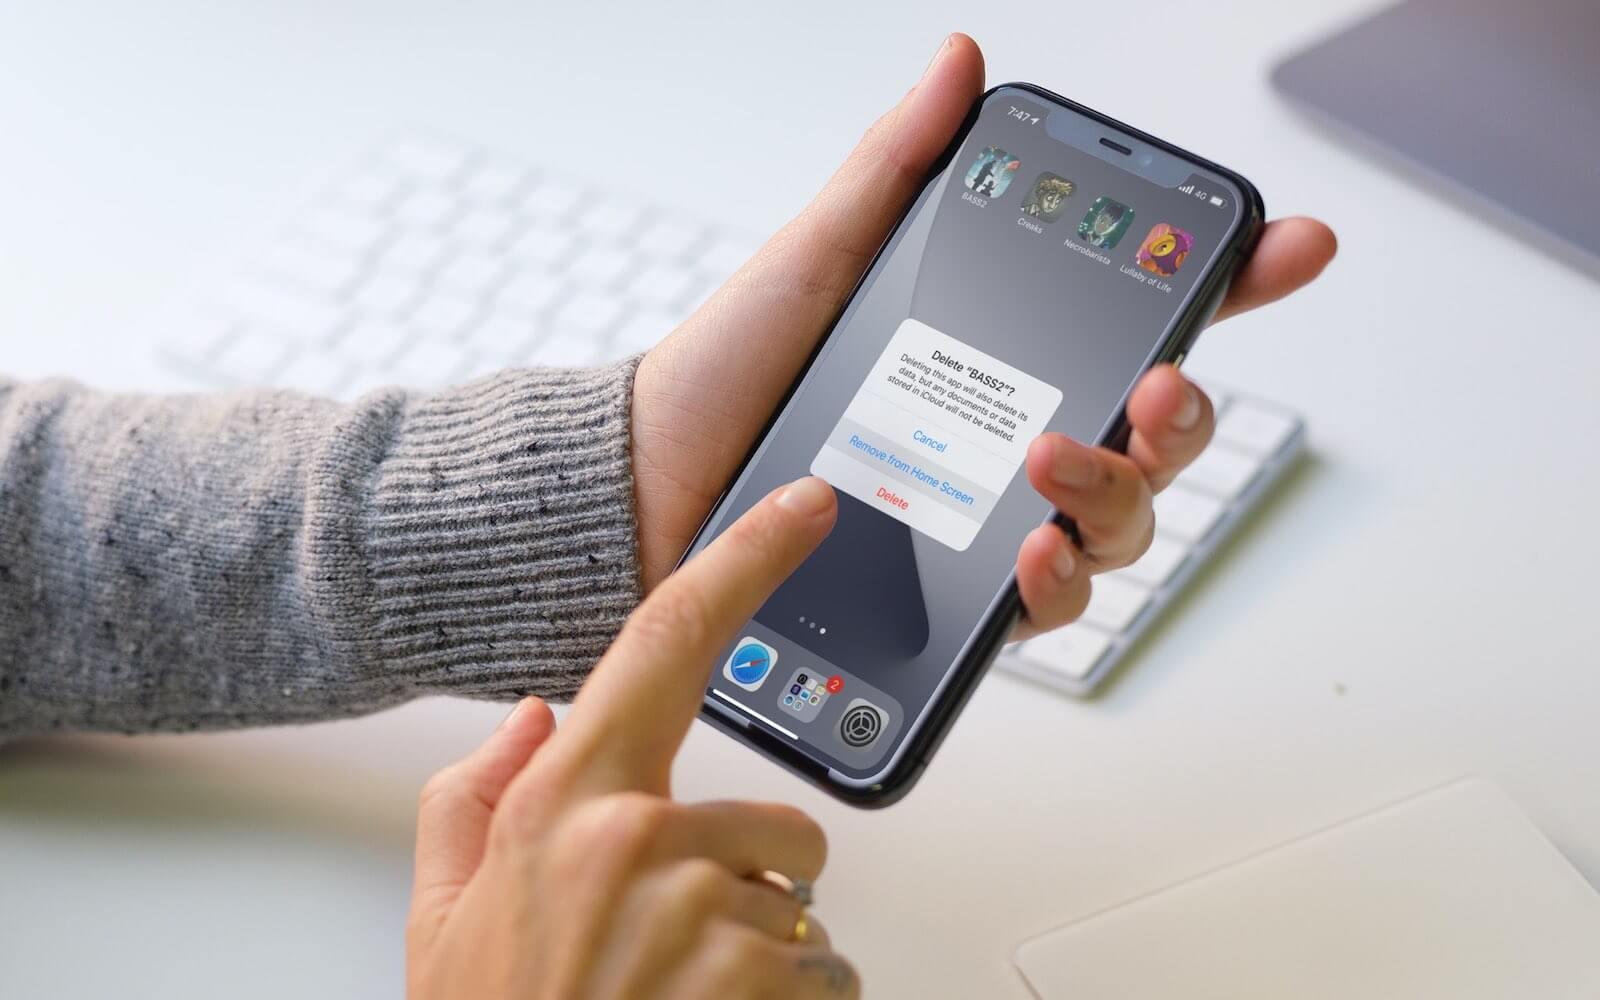 Почему не удаляется приложение с телефона